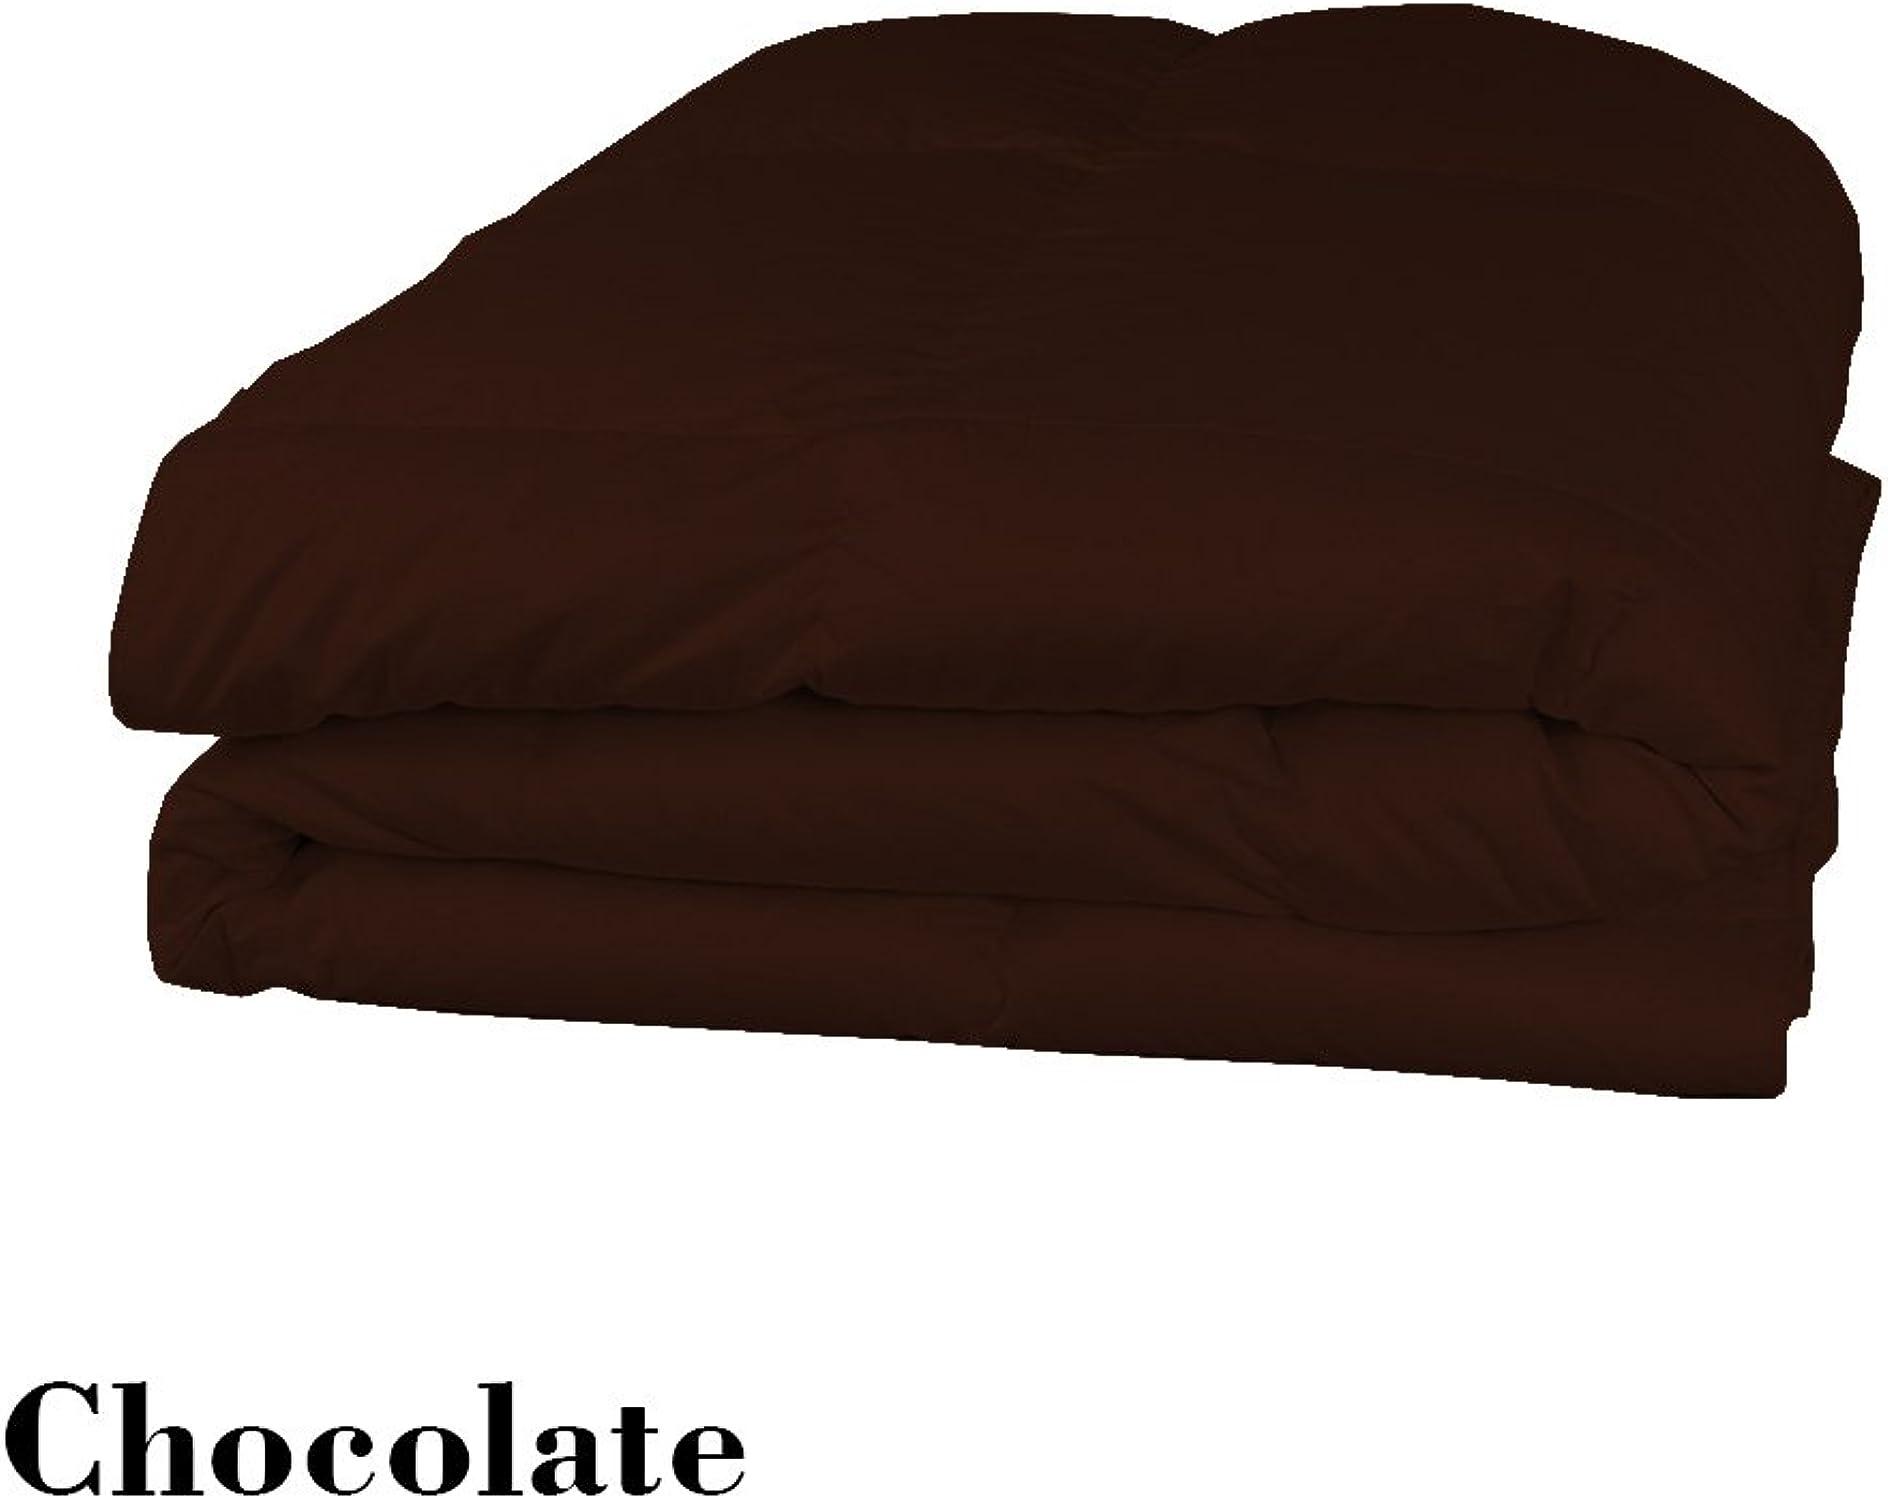 Dreamz Parure de lit Super Doux Coton égypcravaten 250Fils 1pièce Doudou (100g m2 Fibre Fill) Euro Double IKEA, Chocolat Marron Solide 100% Coton enveloppe Parure de lit